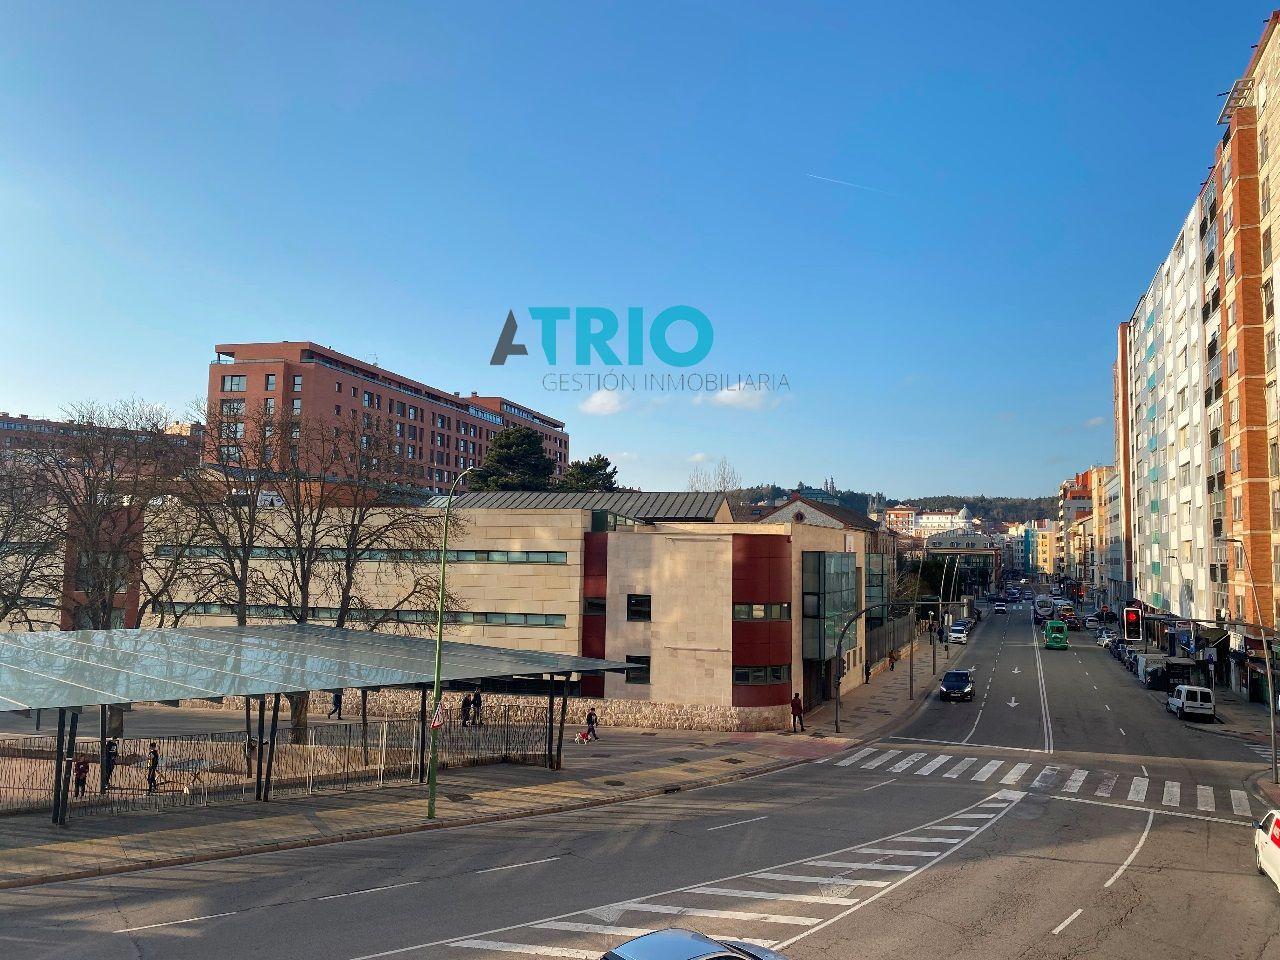 dia.mobiliagestion.es/Portals/inmoatrio/Images/6446/4138086